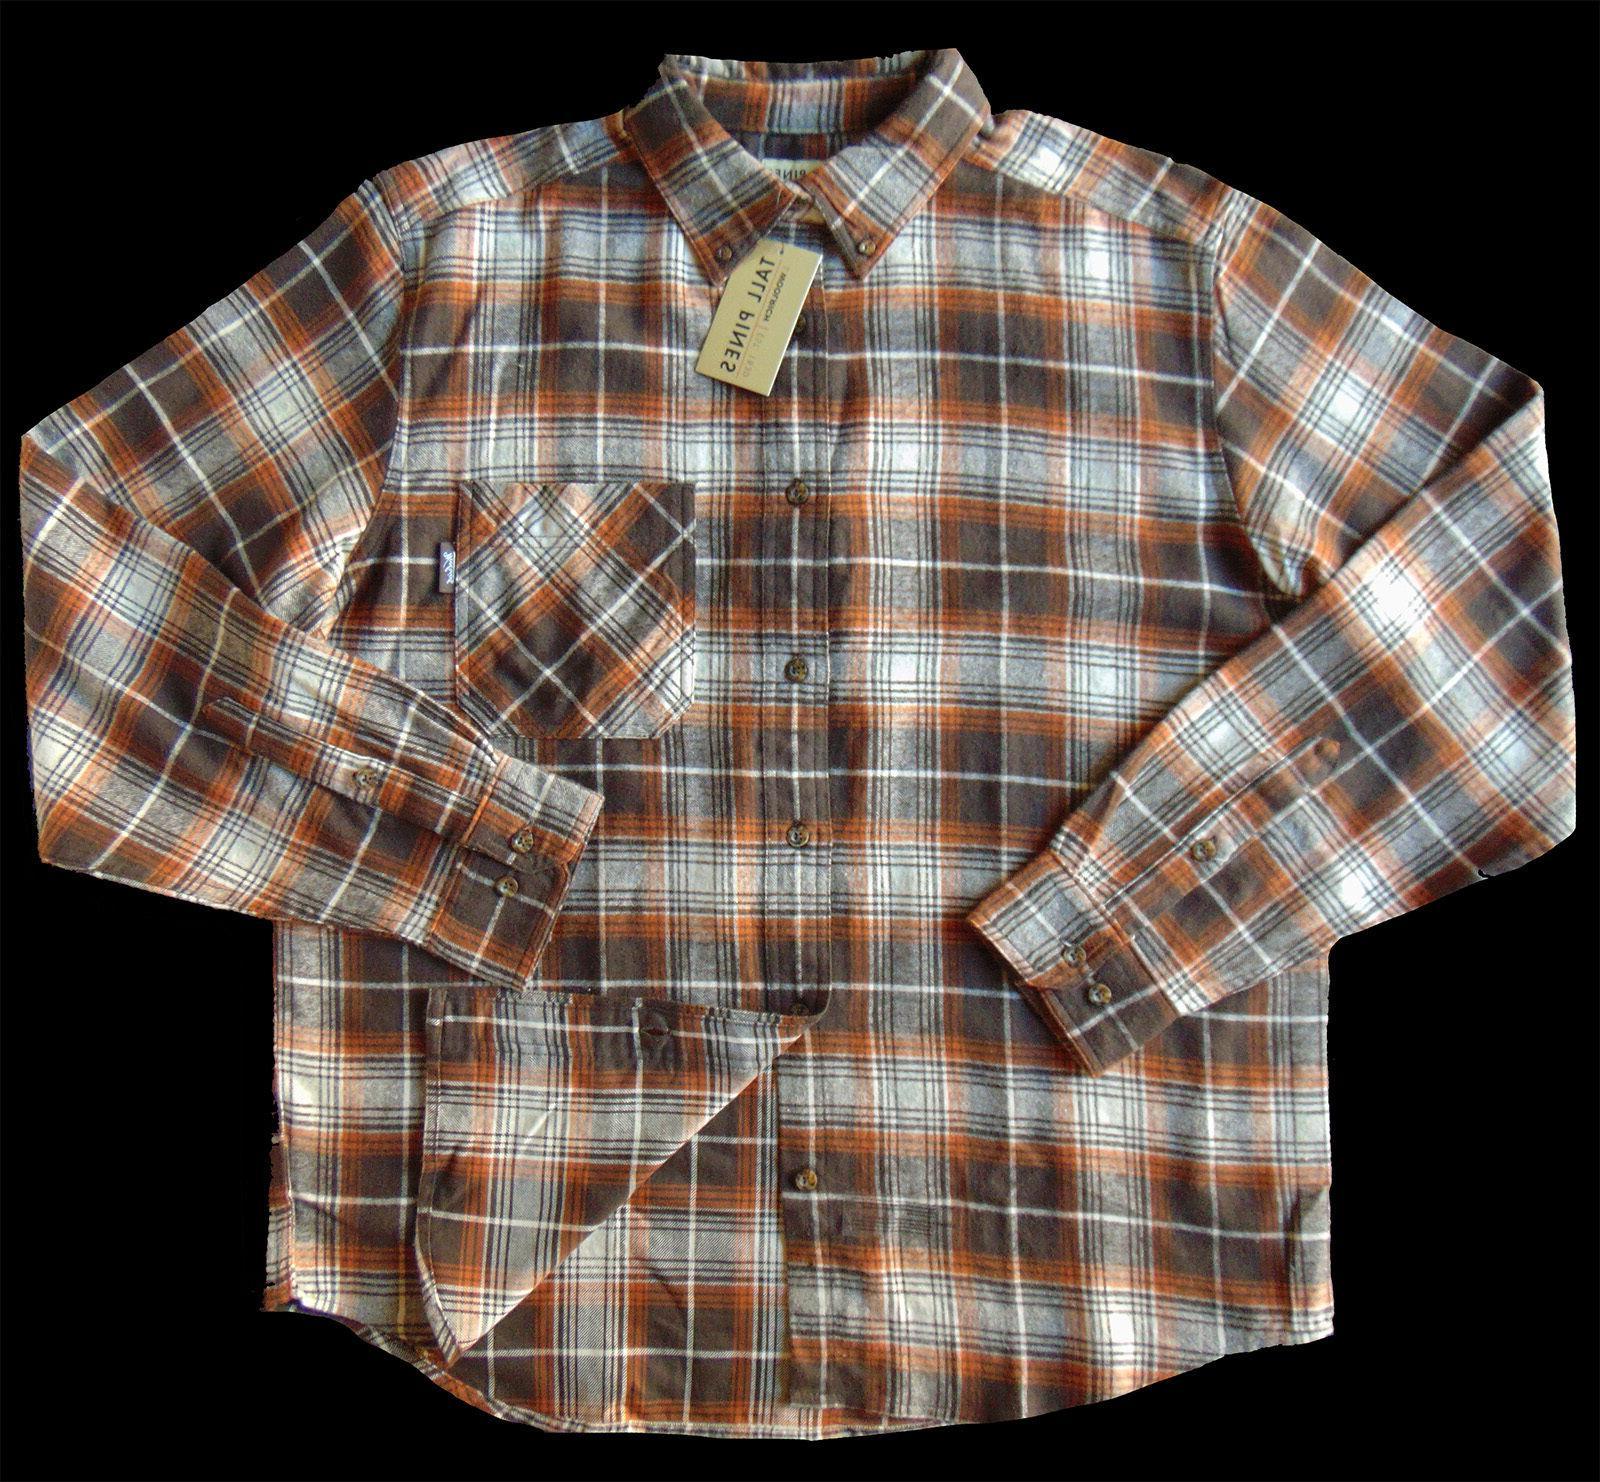 Men's TALL PINES WOOLRICH Cotton Shirt Medium NWT